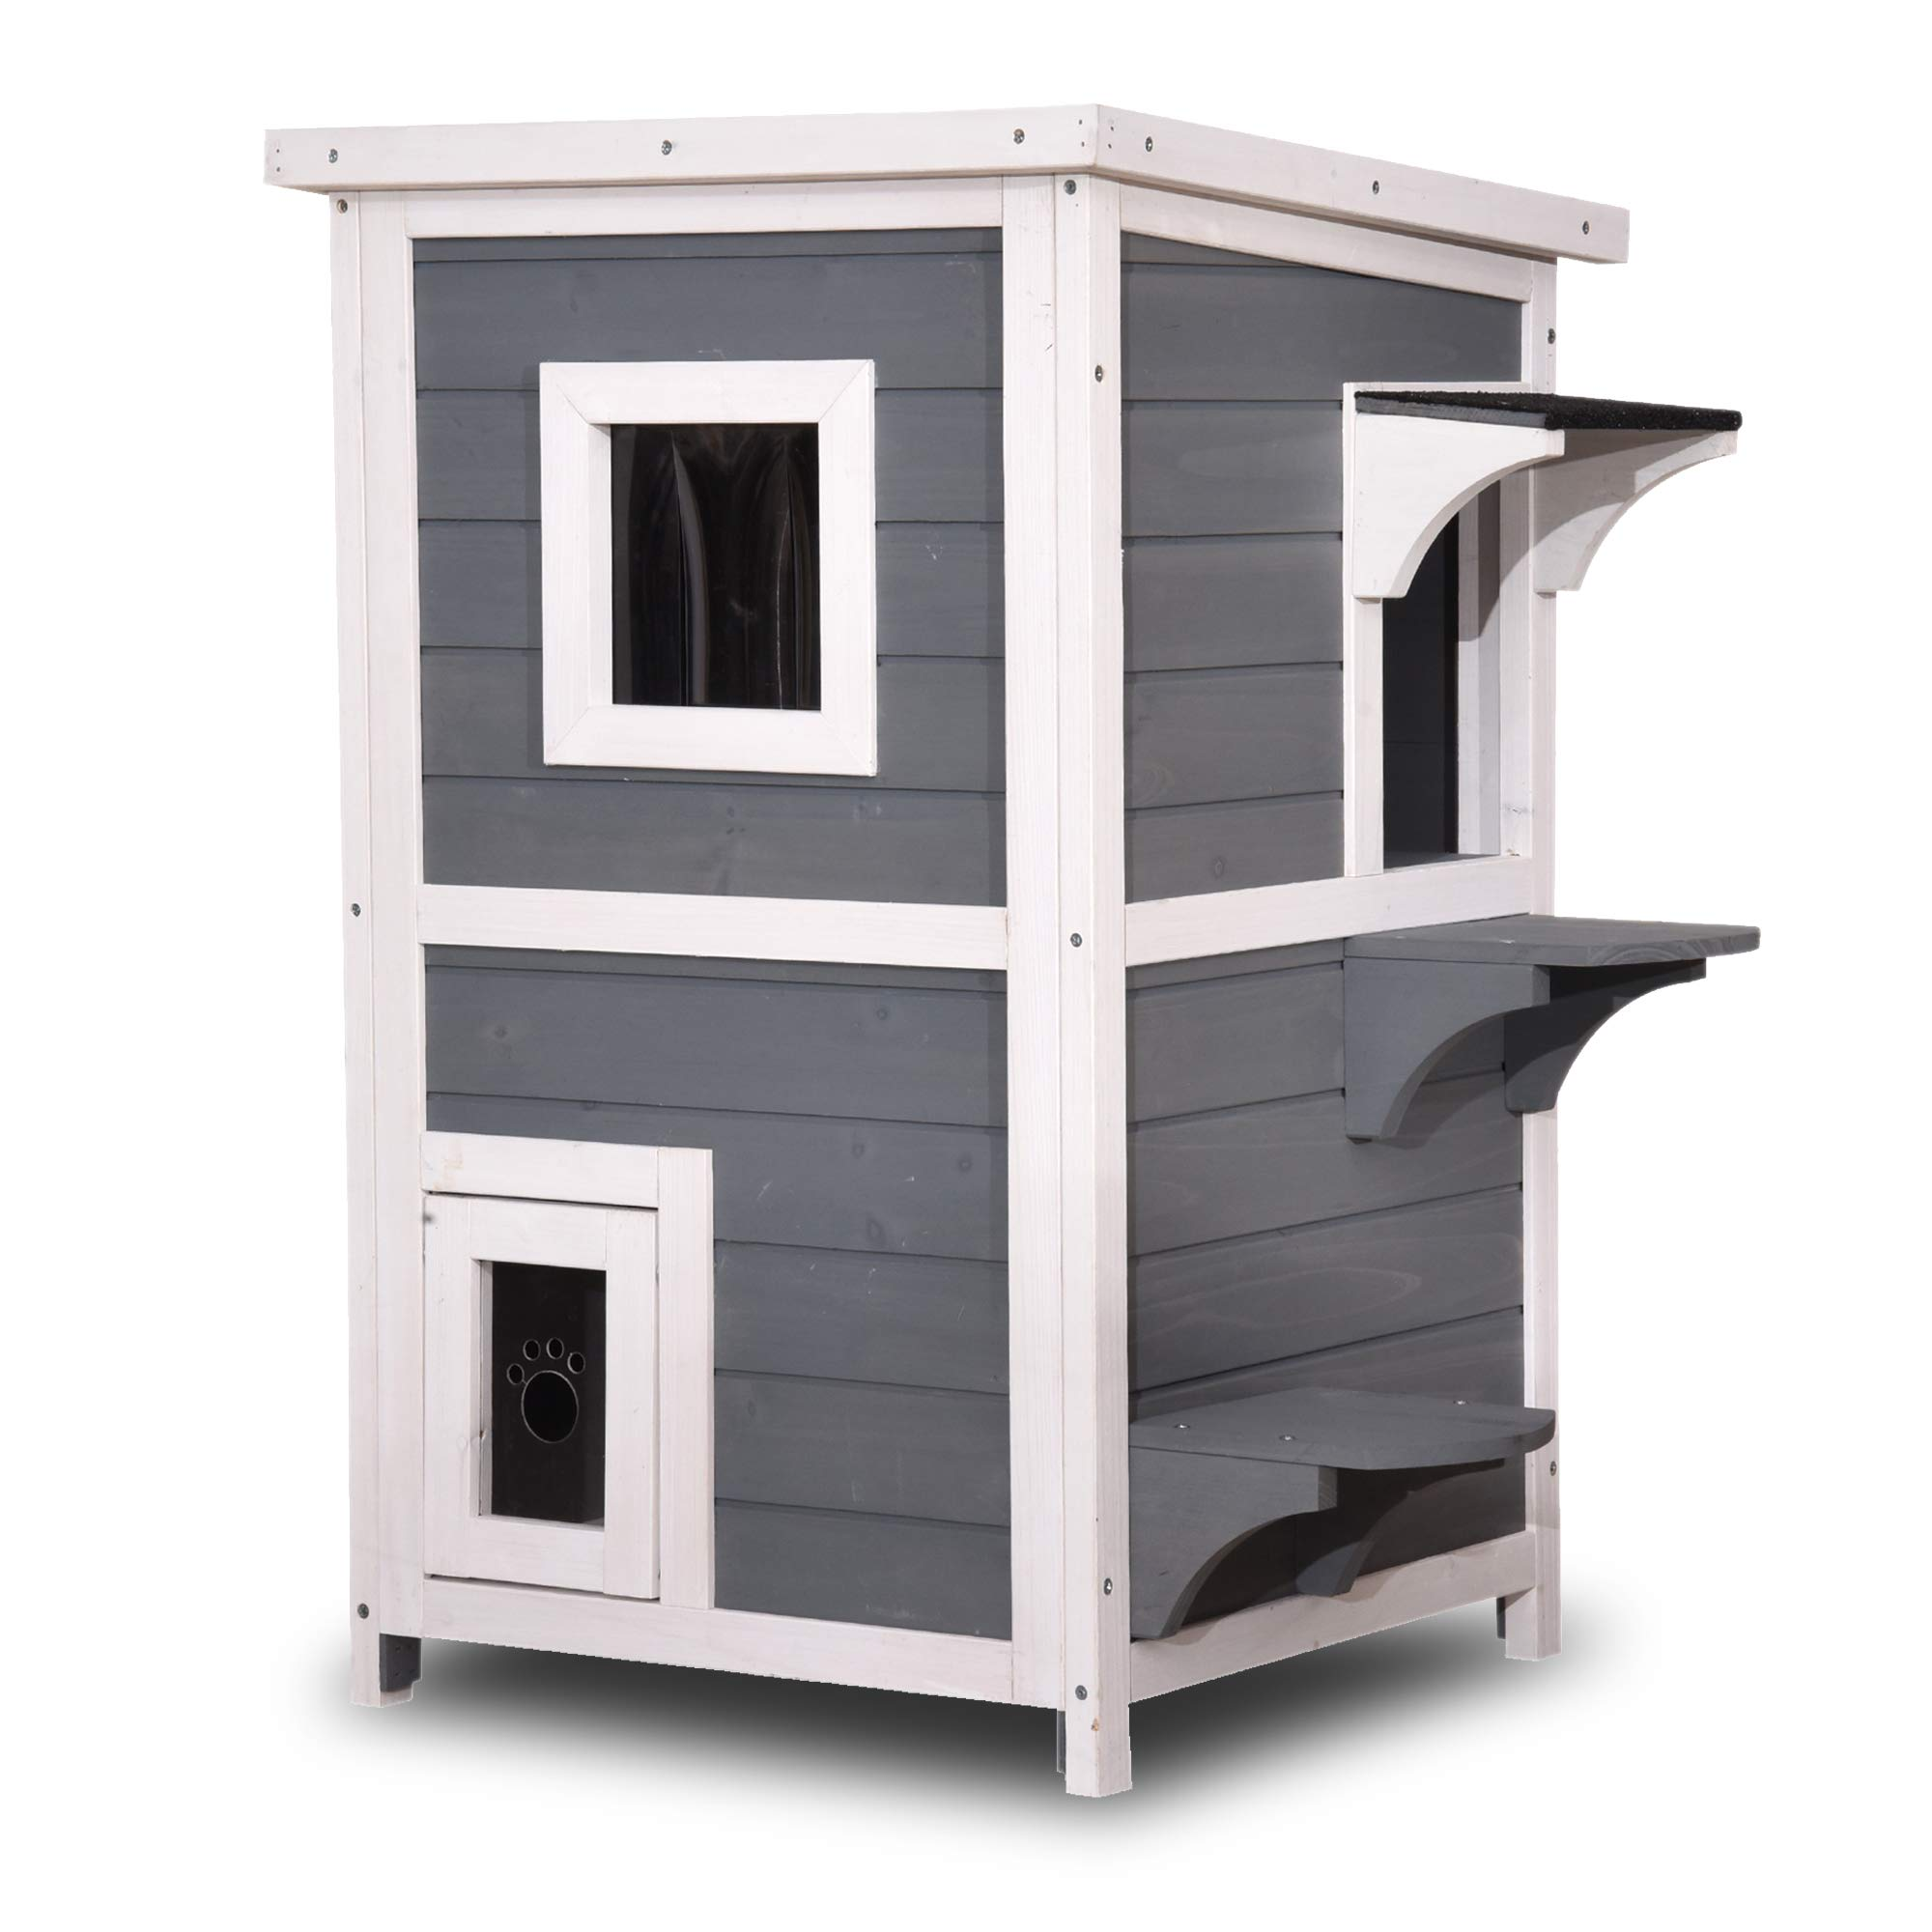 Lovupet 2 Story Weatherproof Wooden Outdoor/Indoor Cat Shelter House Condo with Escape Door 0508 (Grey) by Lovupet